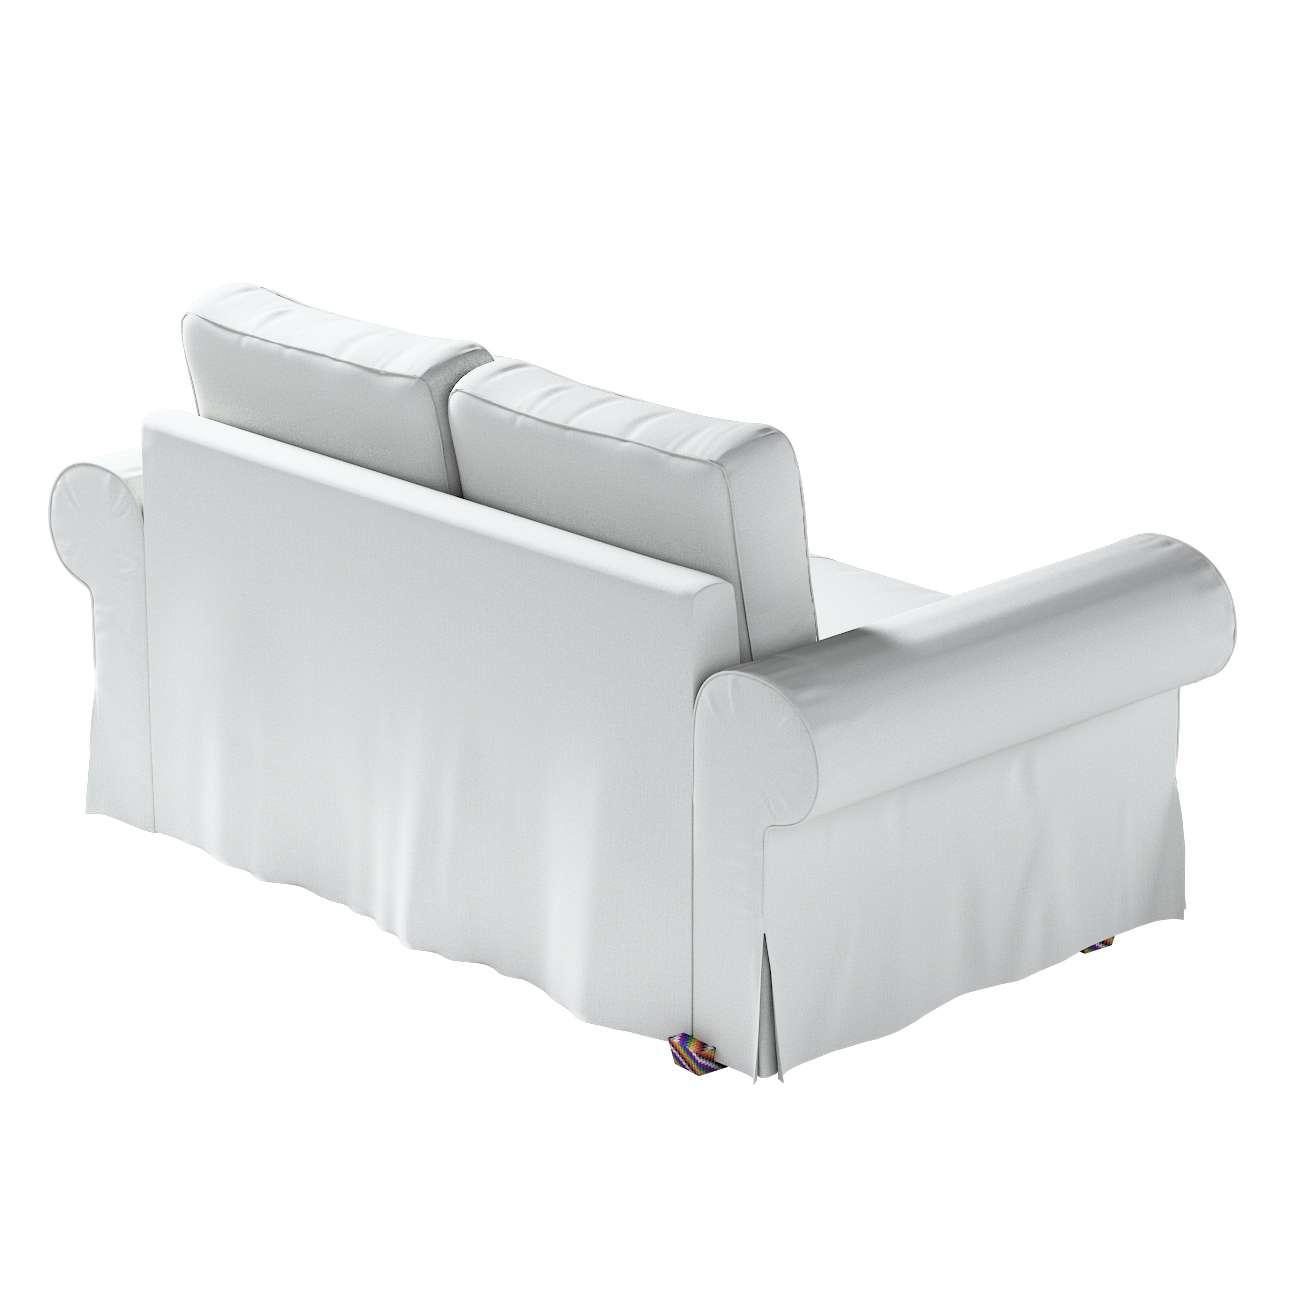 Backabro 2-Sitzer Sofabezug nicht ausklappbar von der Kollektion Living, Stoff: 161-18